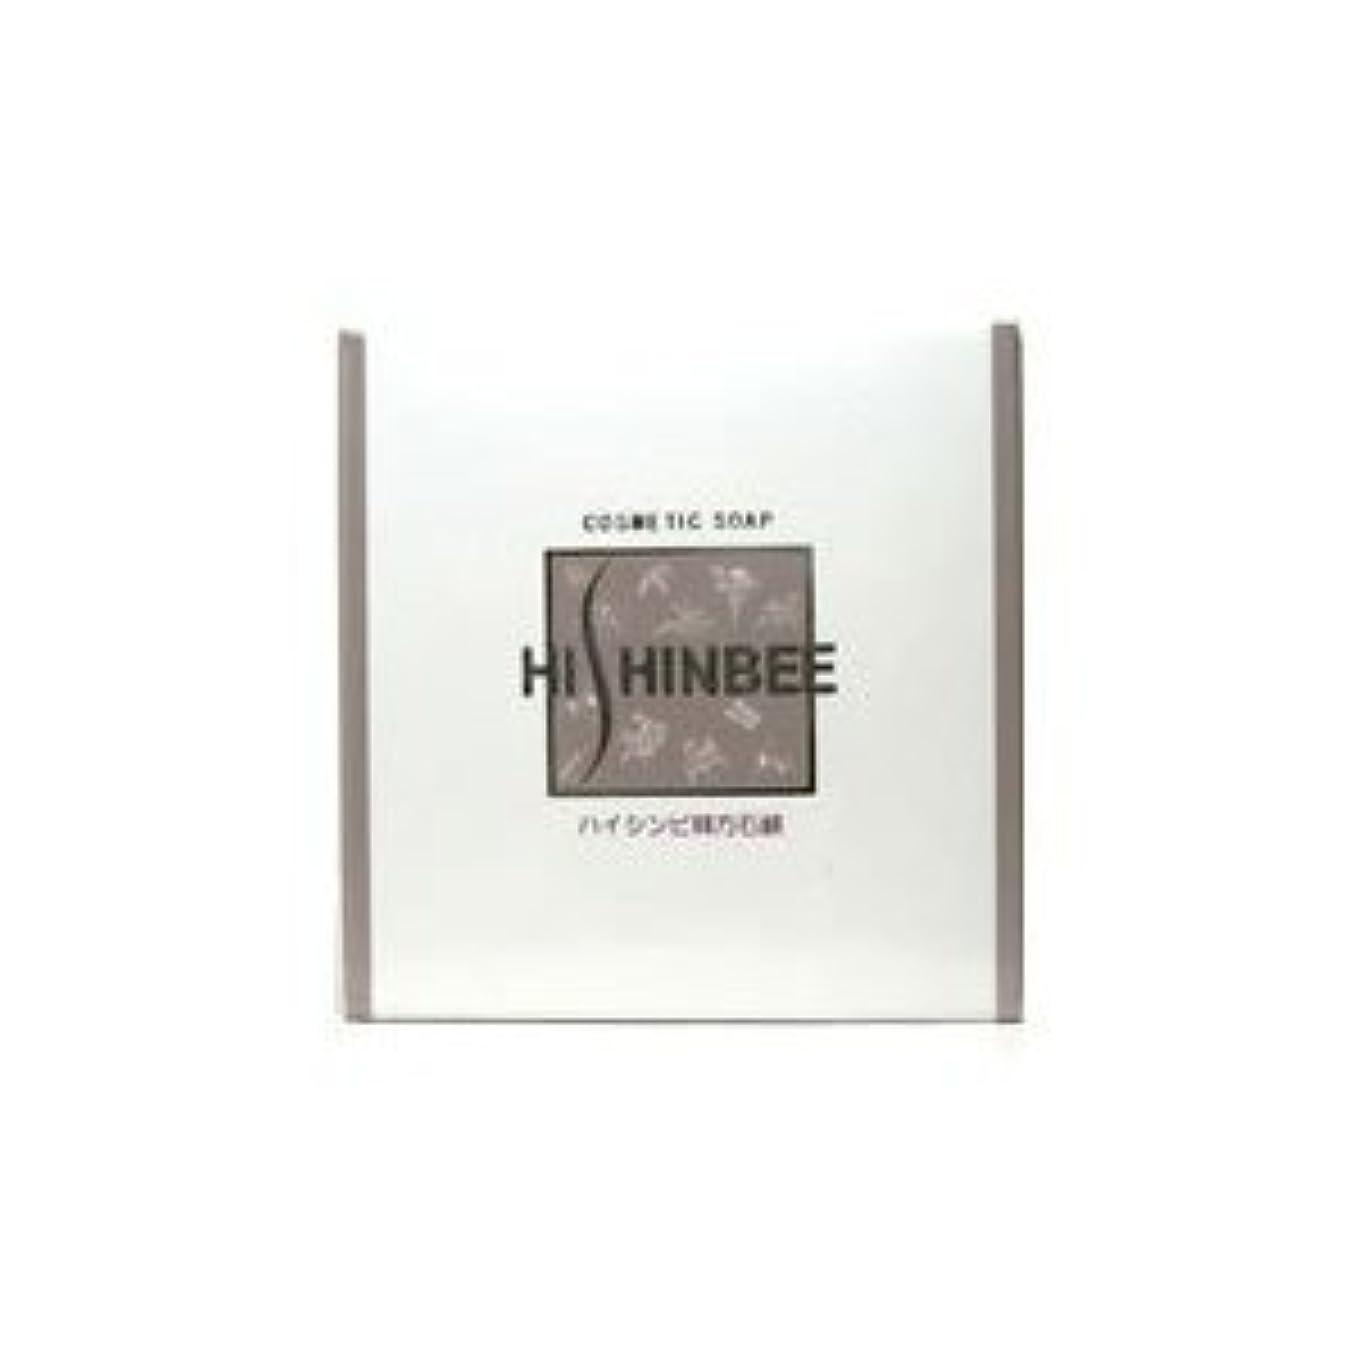 可能性憧れドキドキ★韓国産★ハイシンビ 韓方石鹸 120g 1BOX(24個)